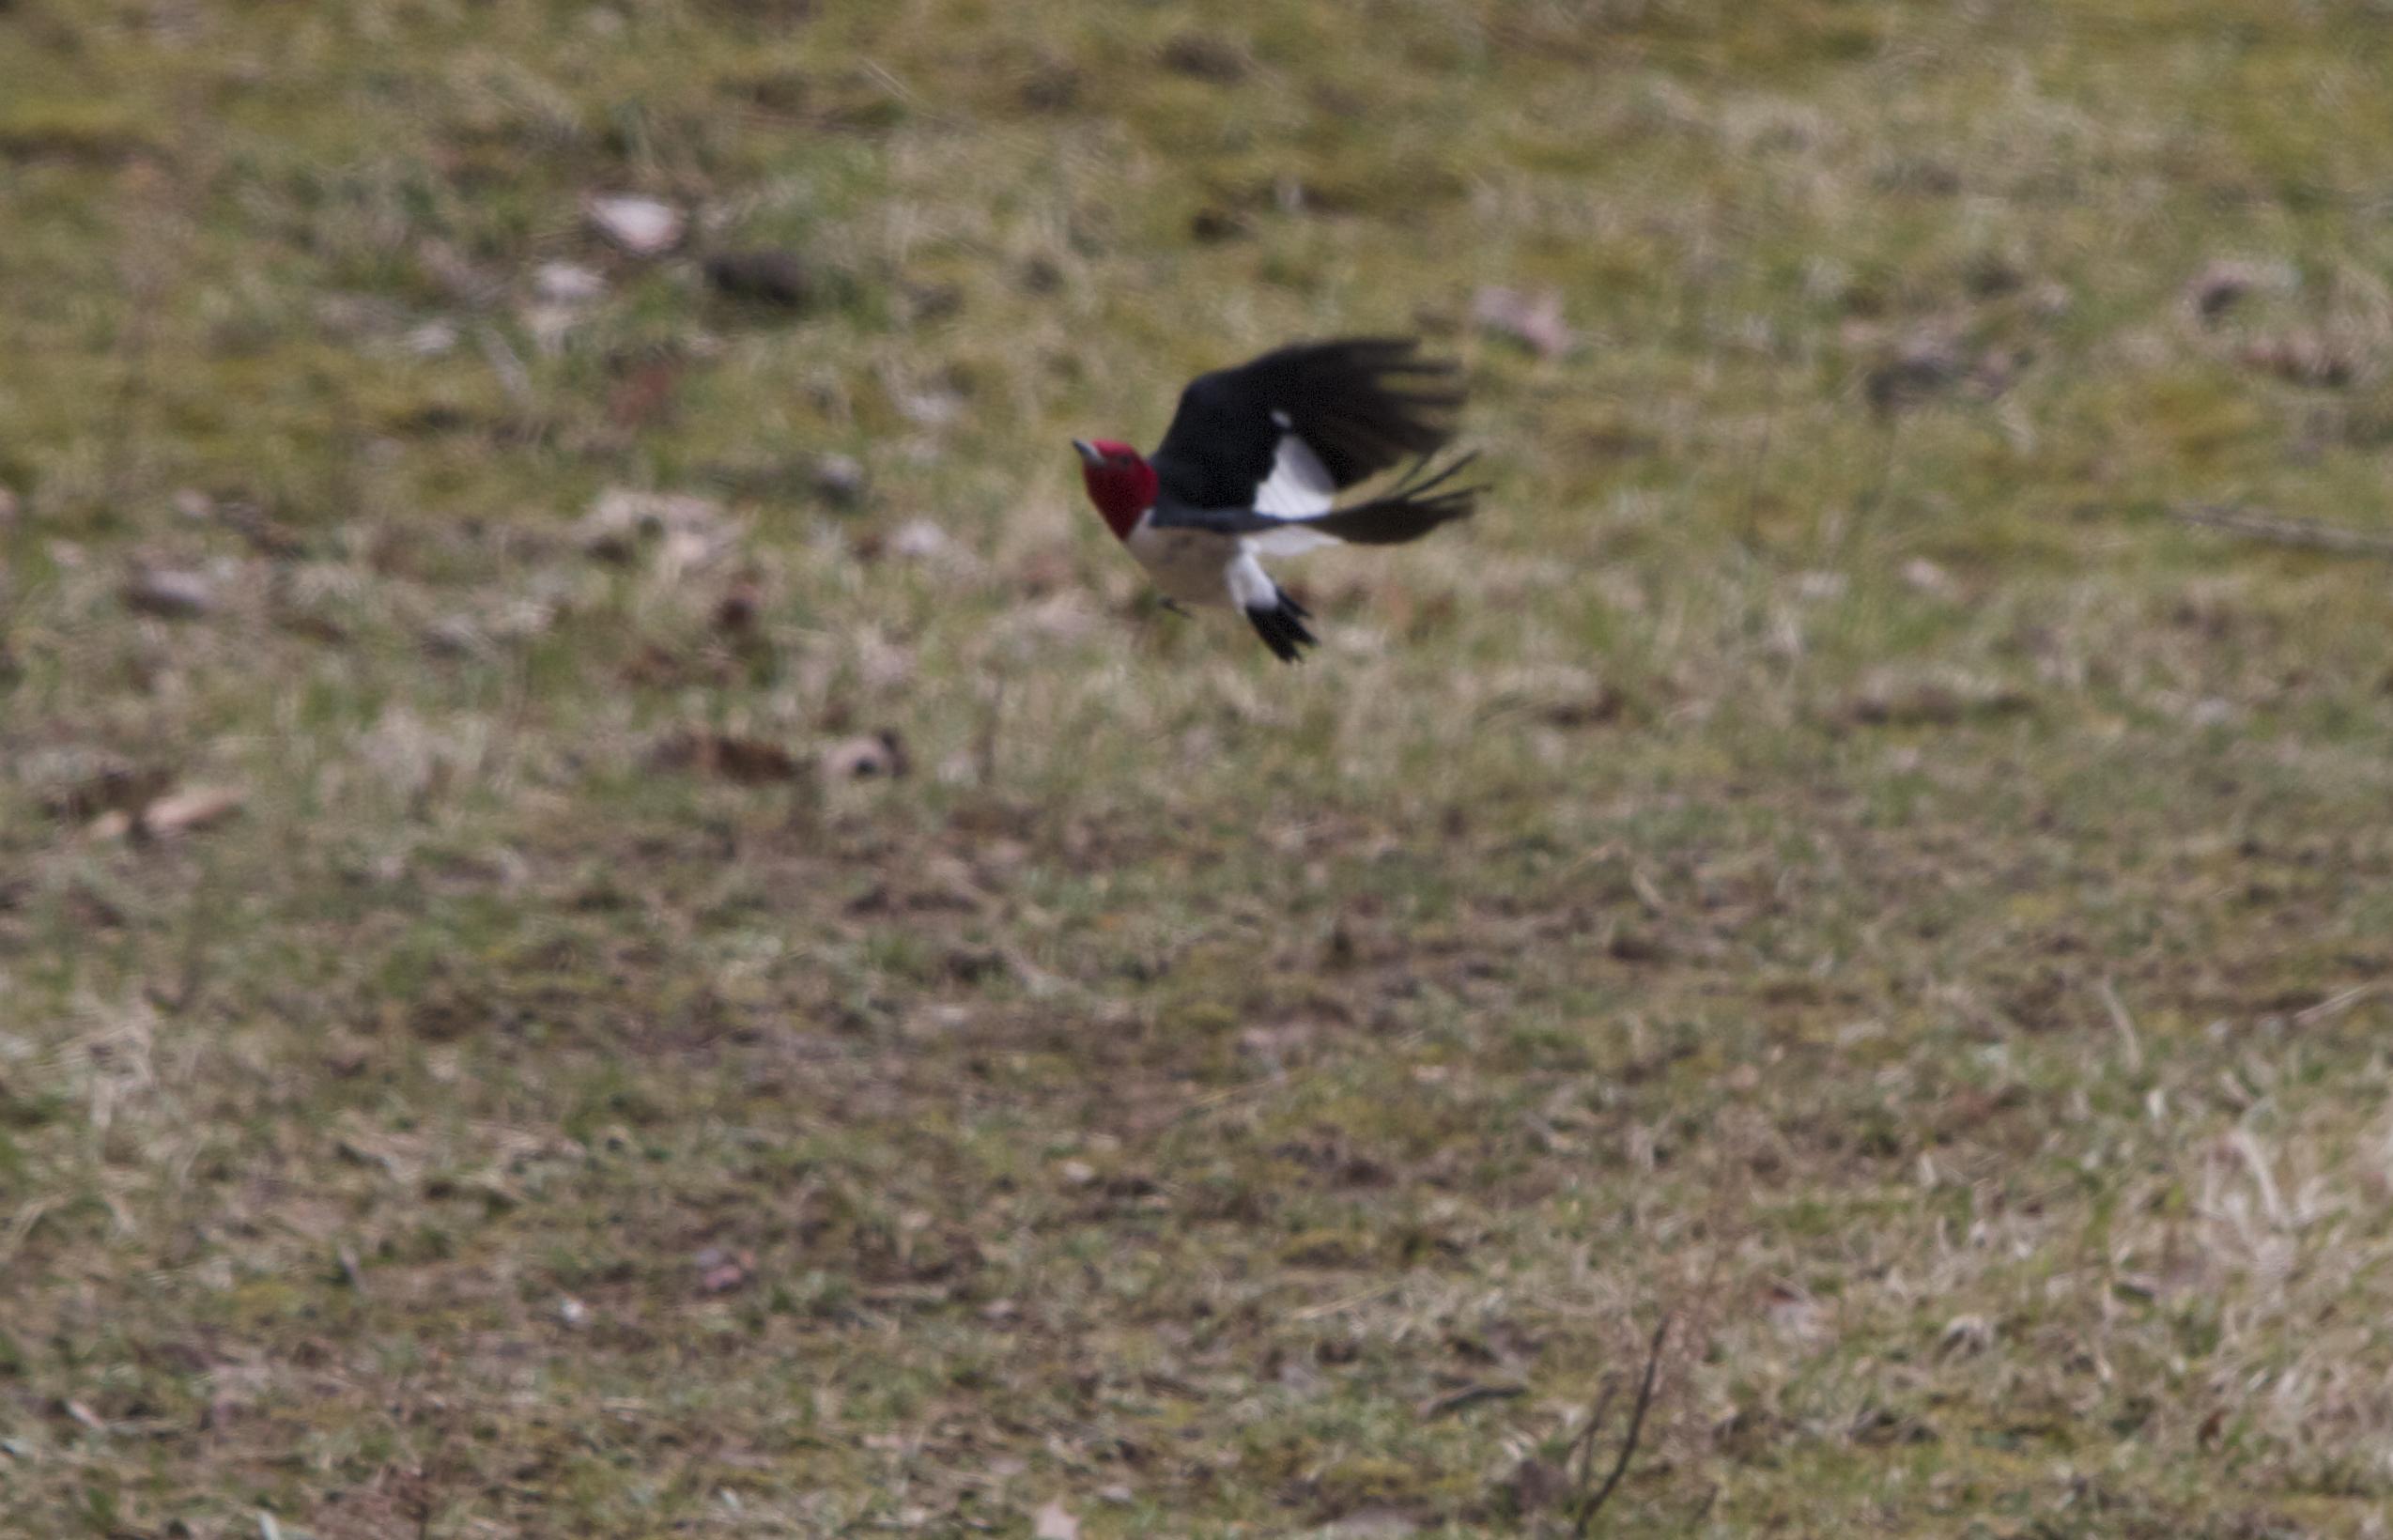 Julie Zickefoose en Blogspot: Woodpecker de cabeza roja. En nuestro alimentador. ¡No realmente!